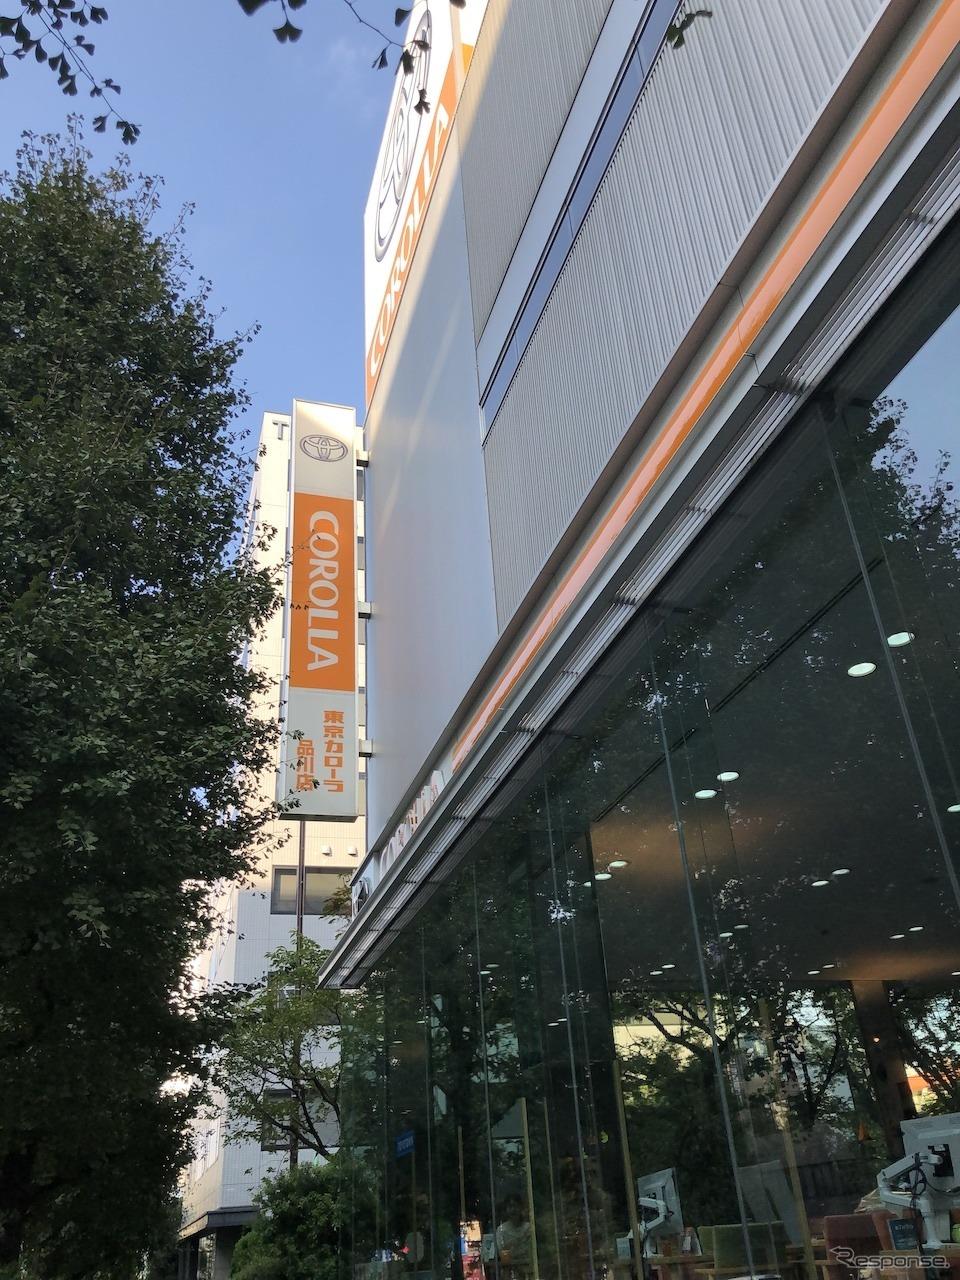 オレンジを基調とするカローラ店の店舗《撮影 藤井真治》